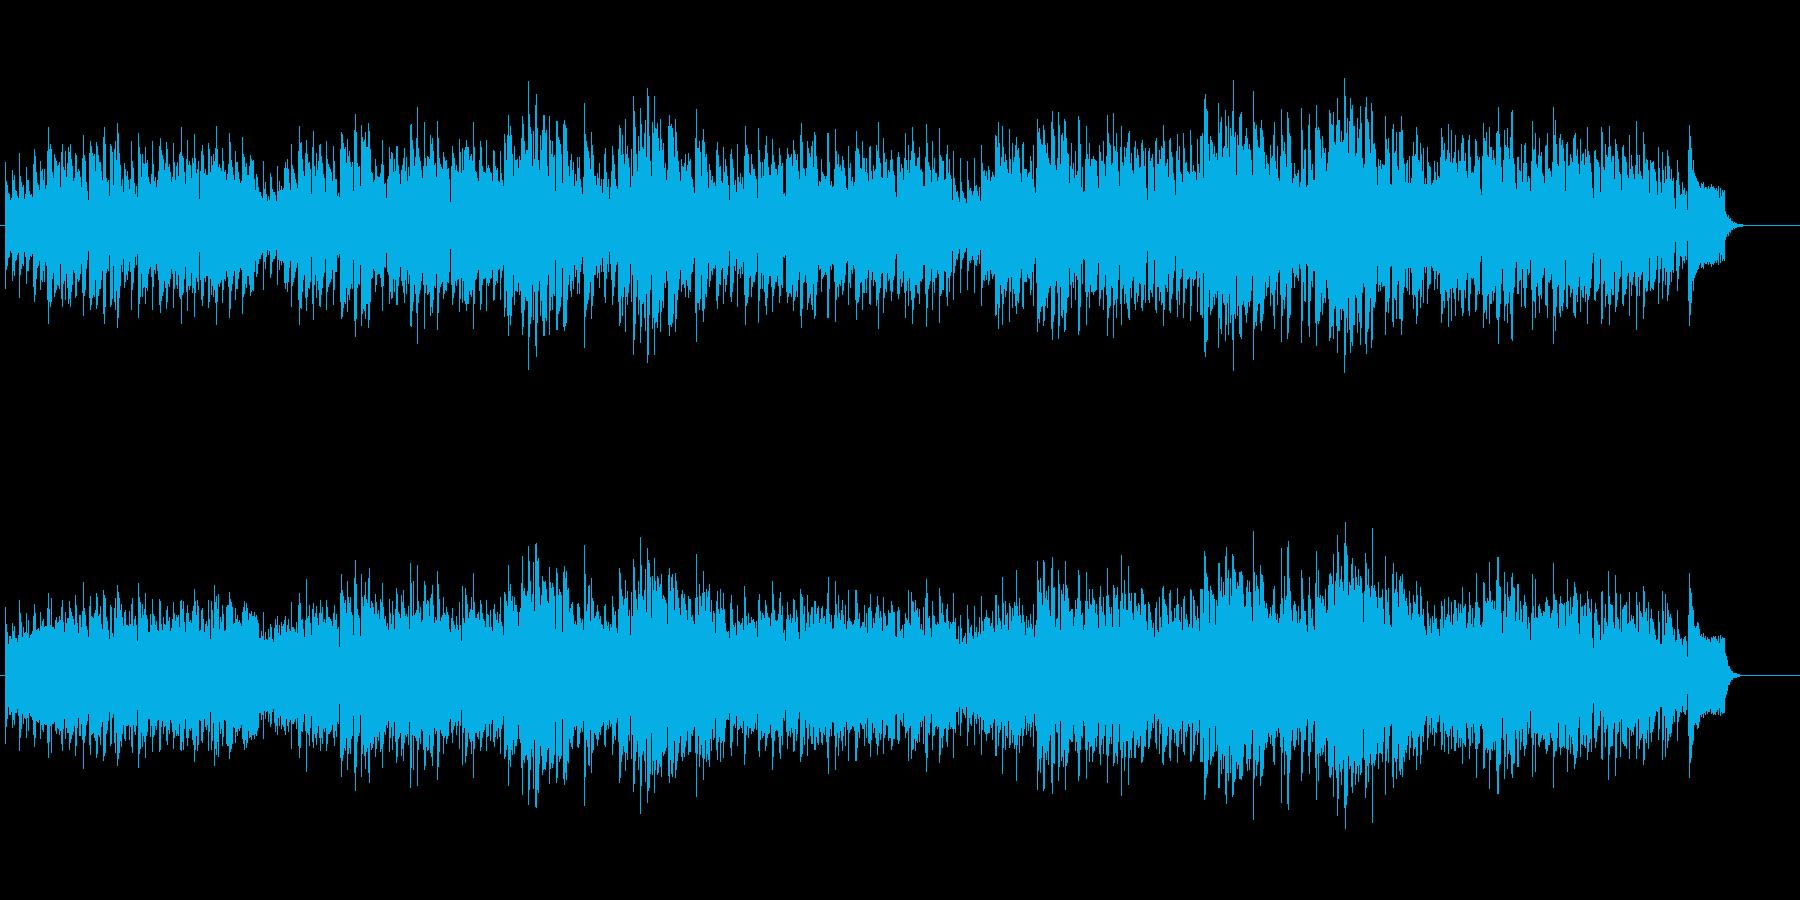 南米アンデス想起のフォルクローレ風の再生済みの波形